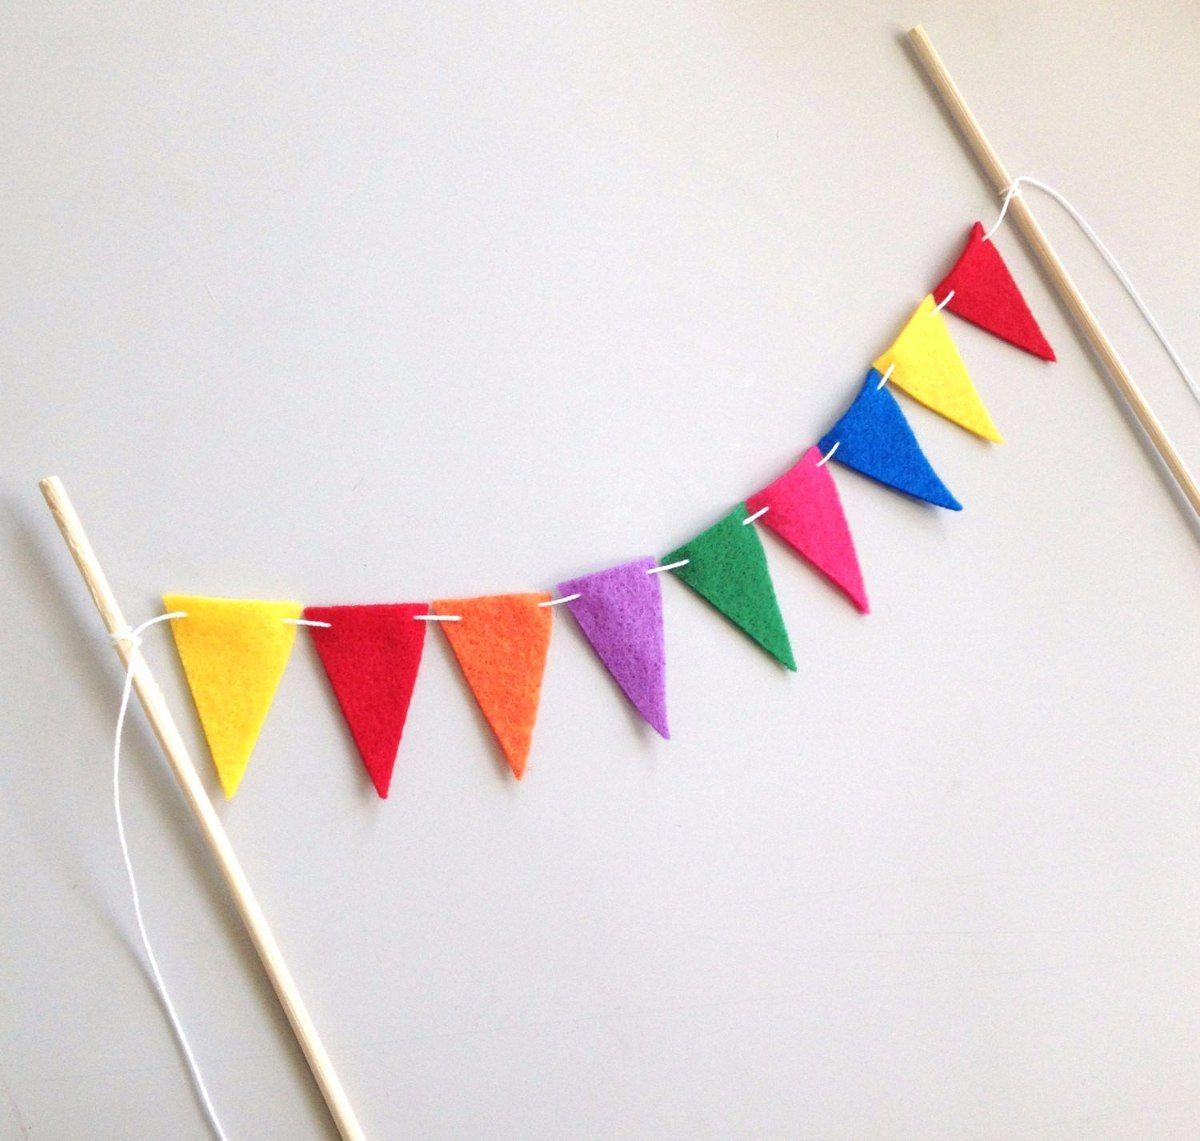 Banderines Arcoiris Para Decorar Tortas De Cumpleanos 59 99 Decorar Cumpleanos Infantil Fiestas De Cumpleanos De Arte Bandera Arcoiris